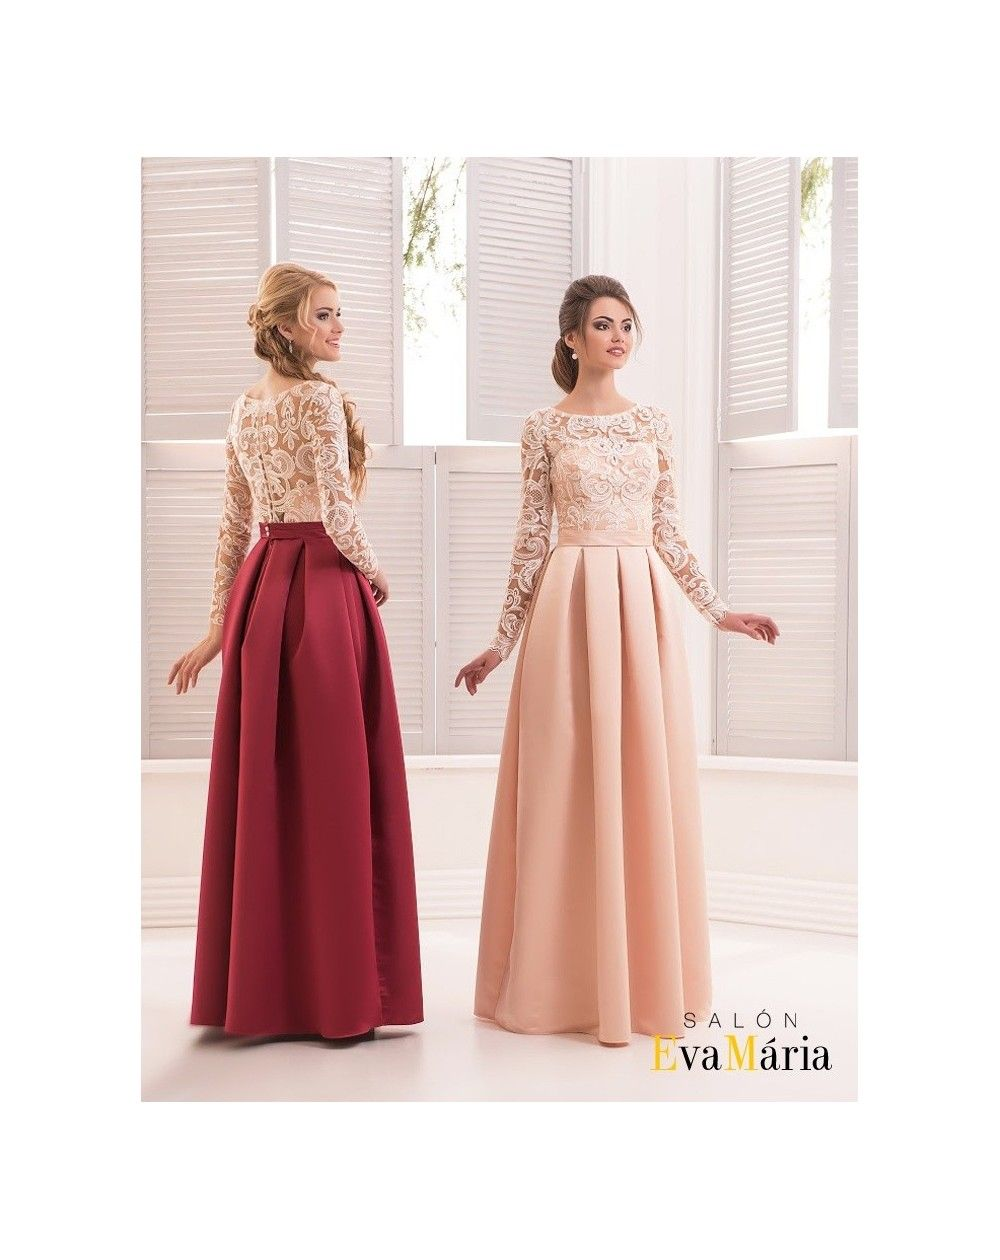 7055f823c3f6 Večerné šaty Monika majú krásne dlhé čipkované rukávy a nádhernú saténovú  sukňu